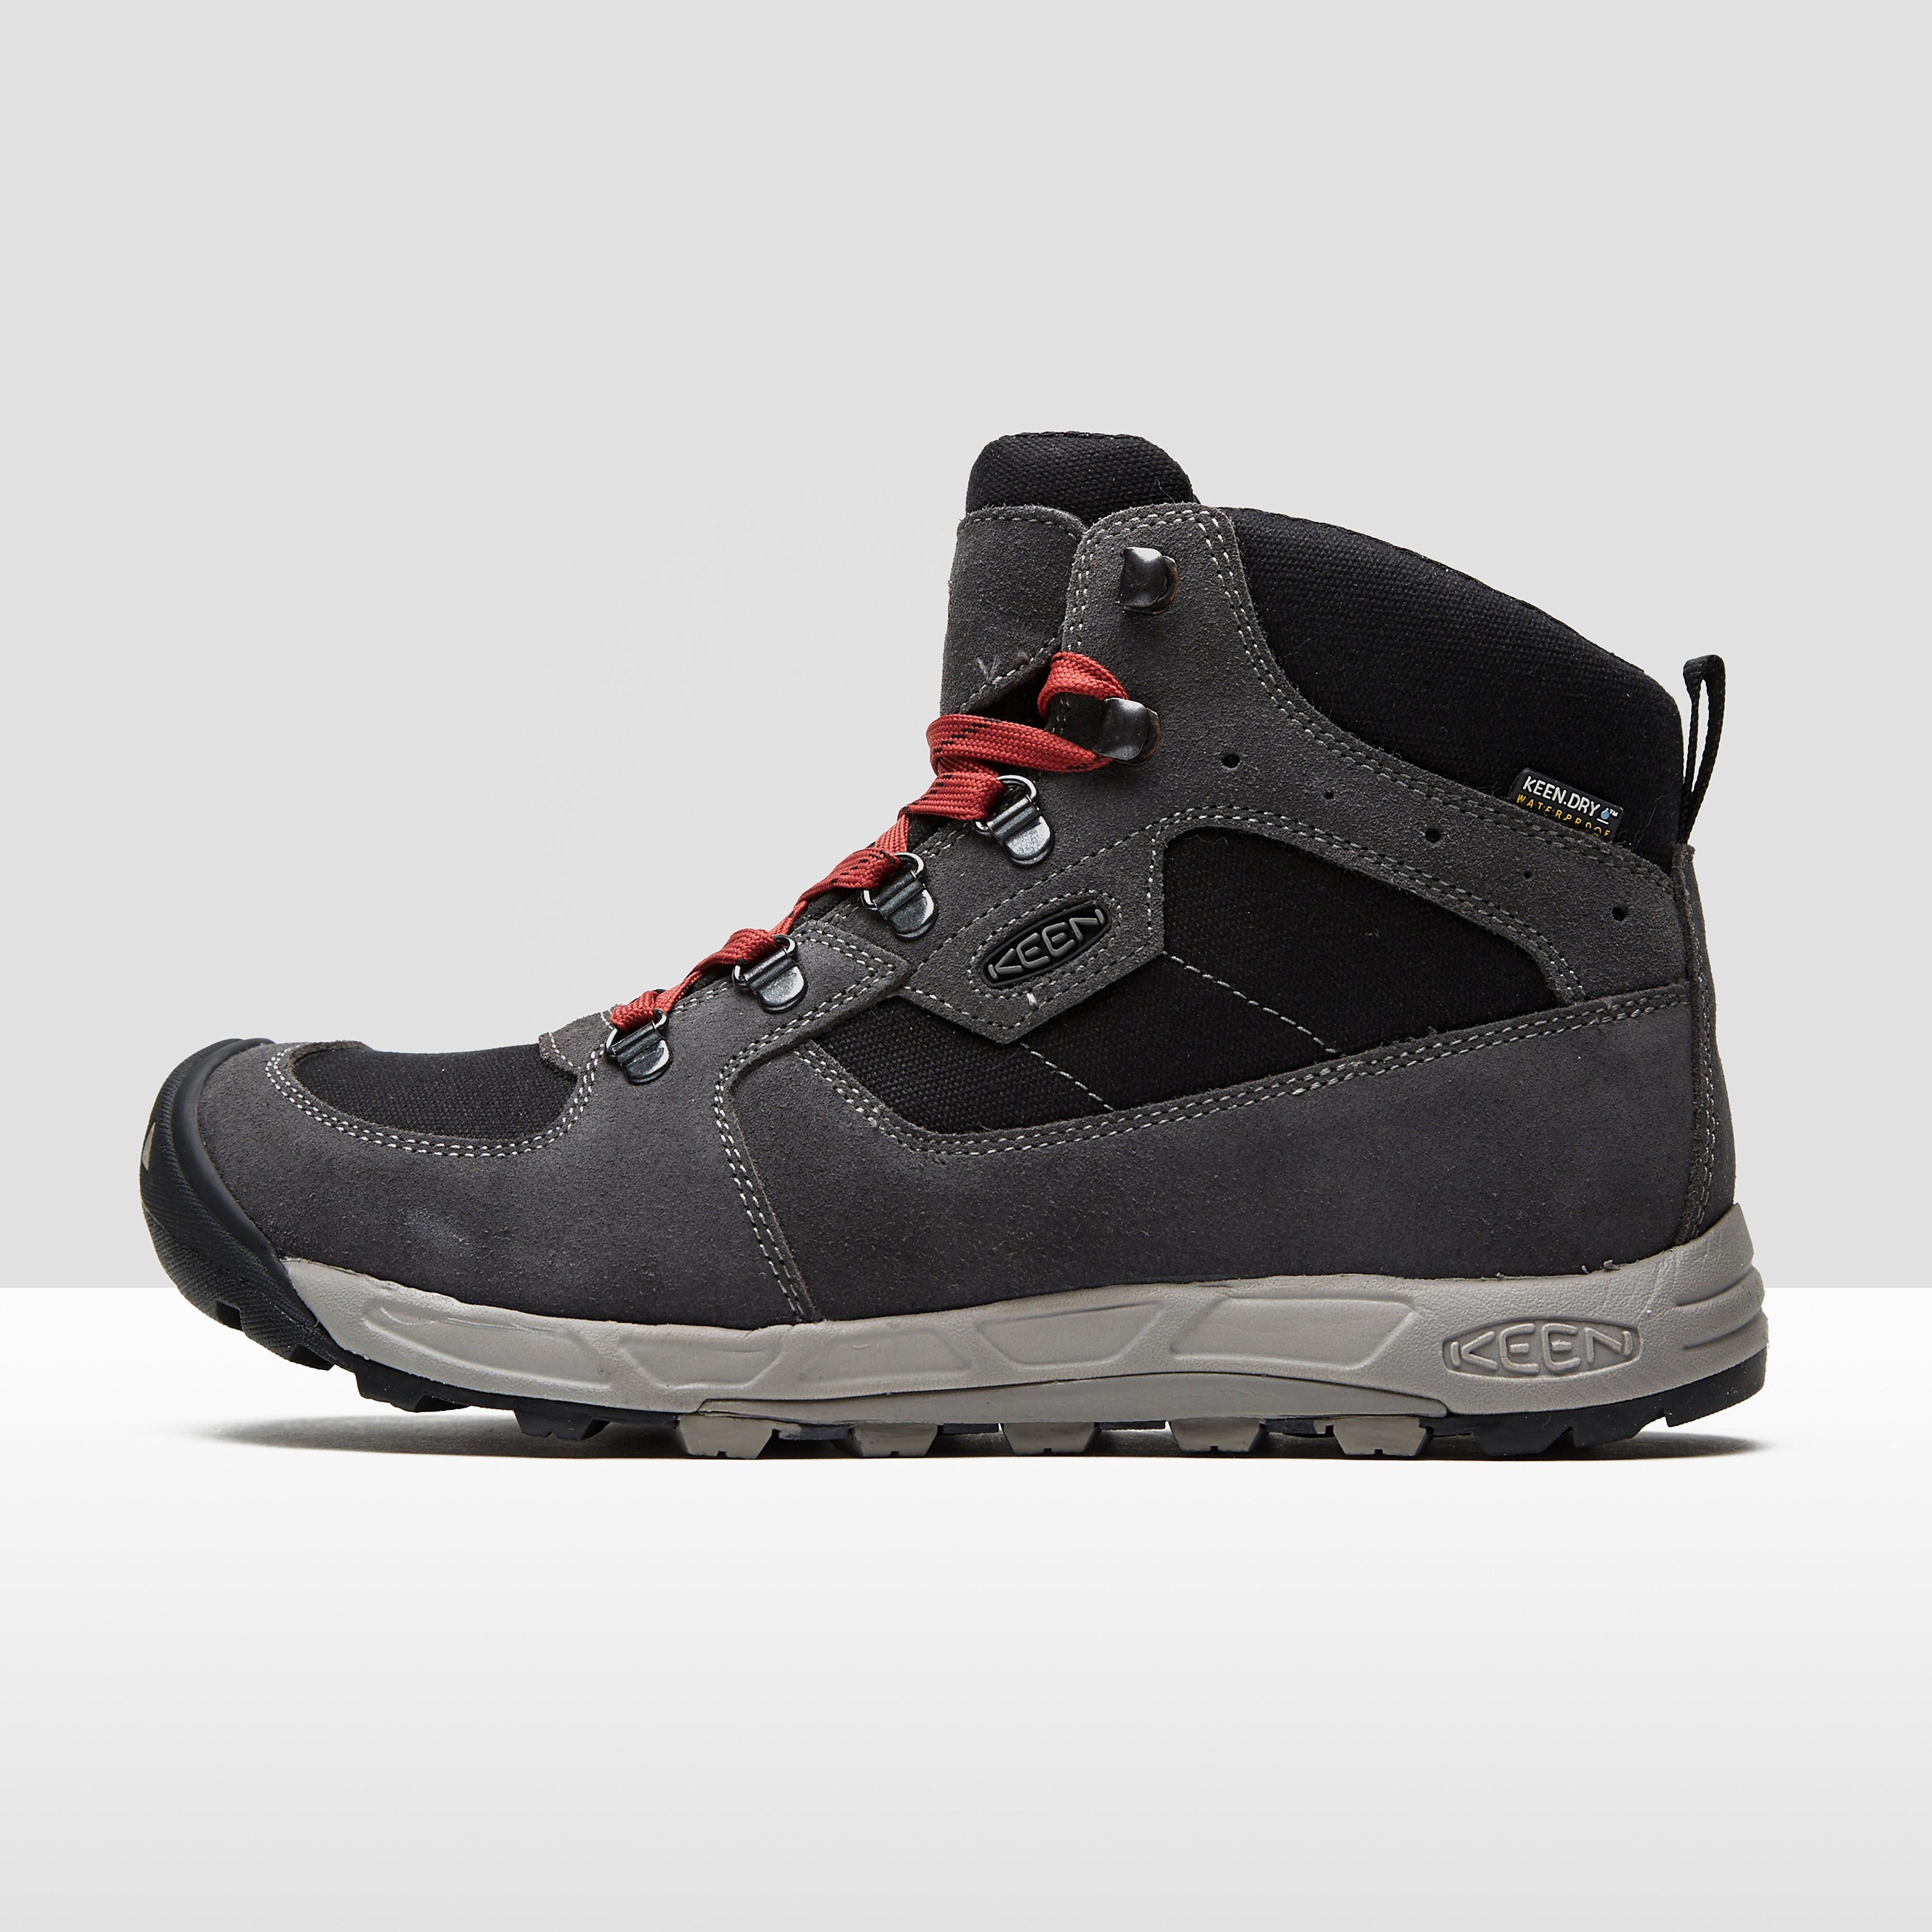 Keen Westward Waterproof Men's Hiking Boots